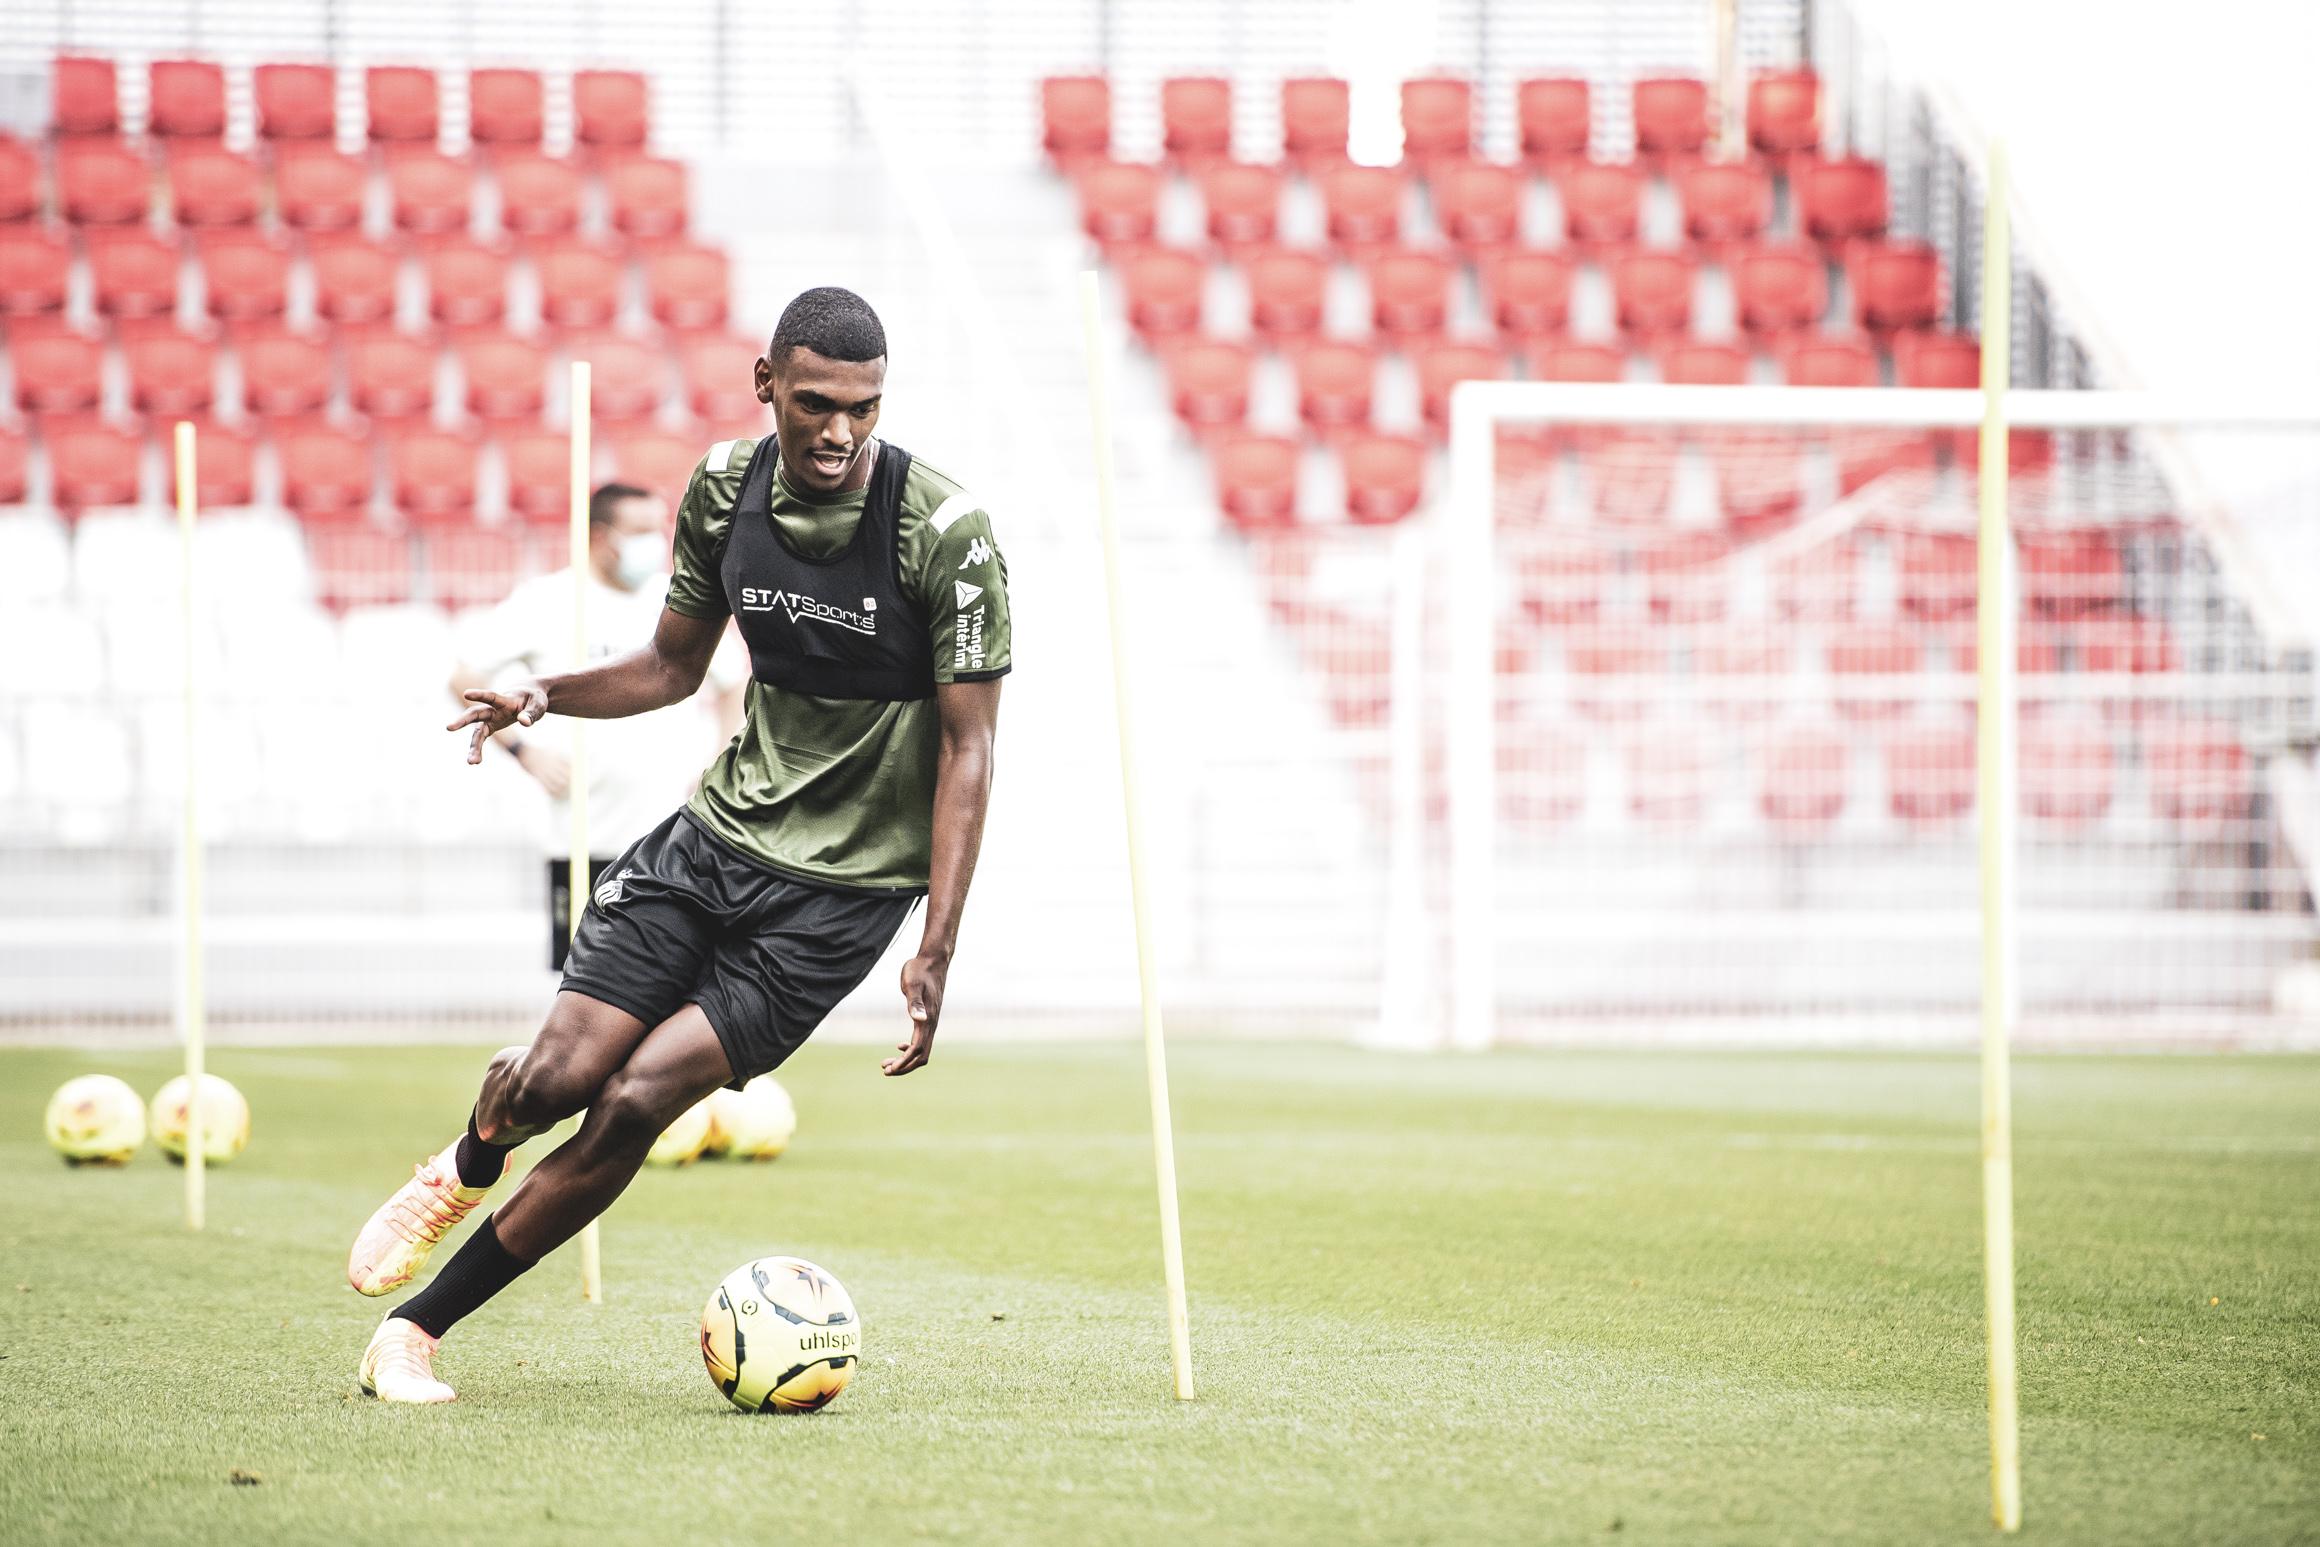 موناكو يعود للتدريبات أكثر قوة وحماس استعداد للدوري الفرنسي (3)